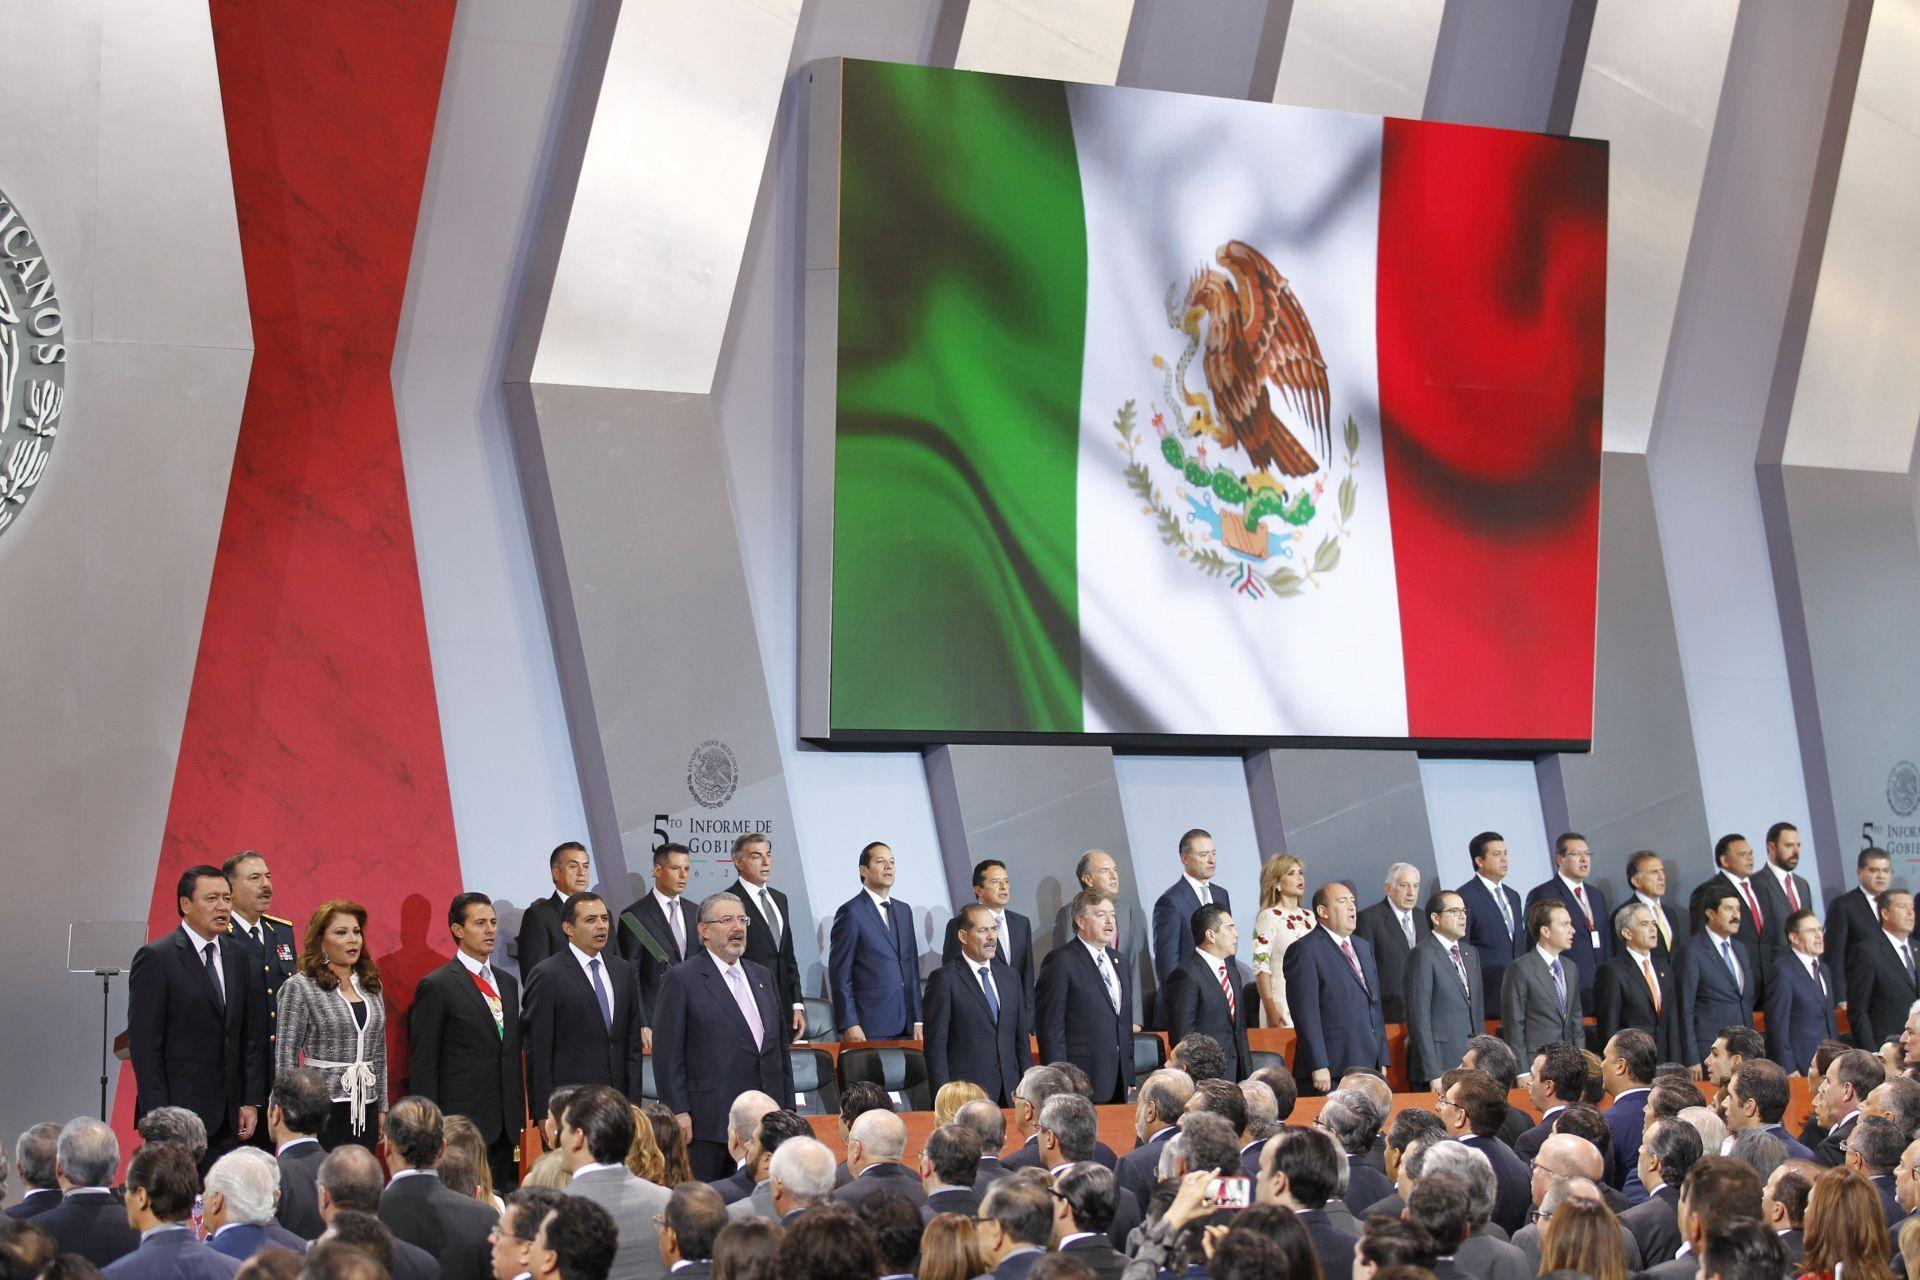 México capta 156.000 millones dólares de inversión en mandato de Peña Nieto